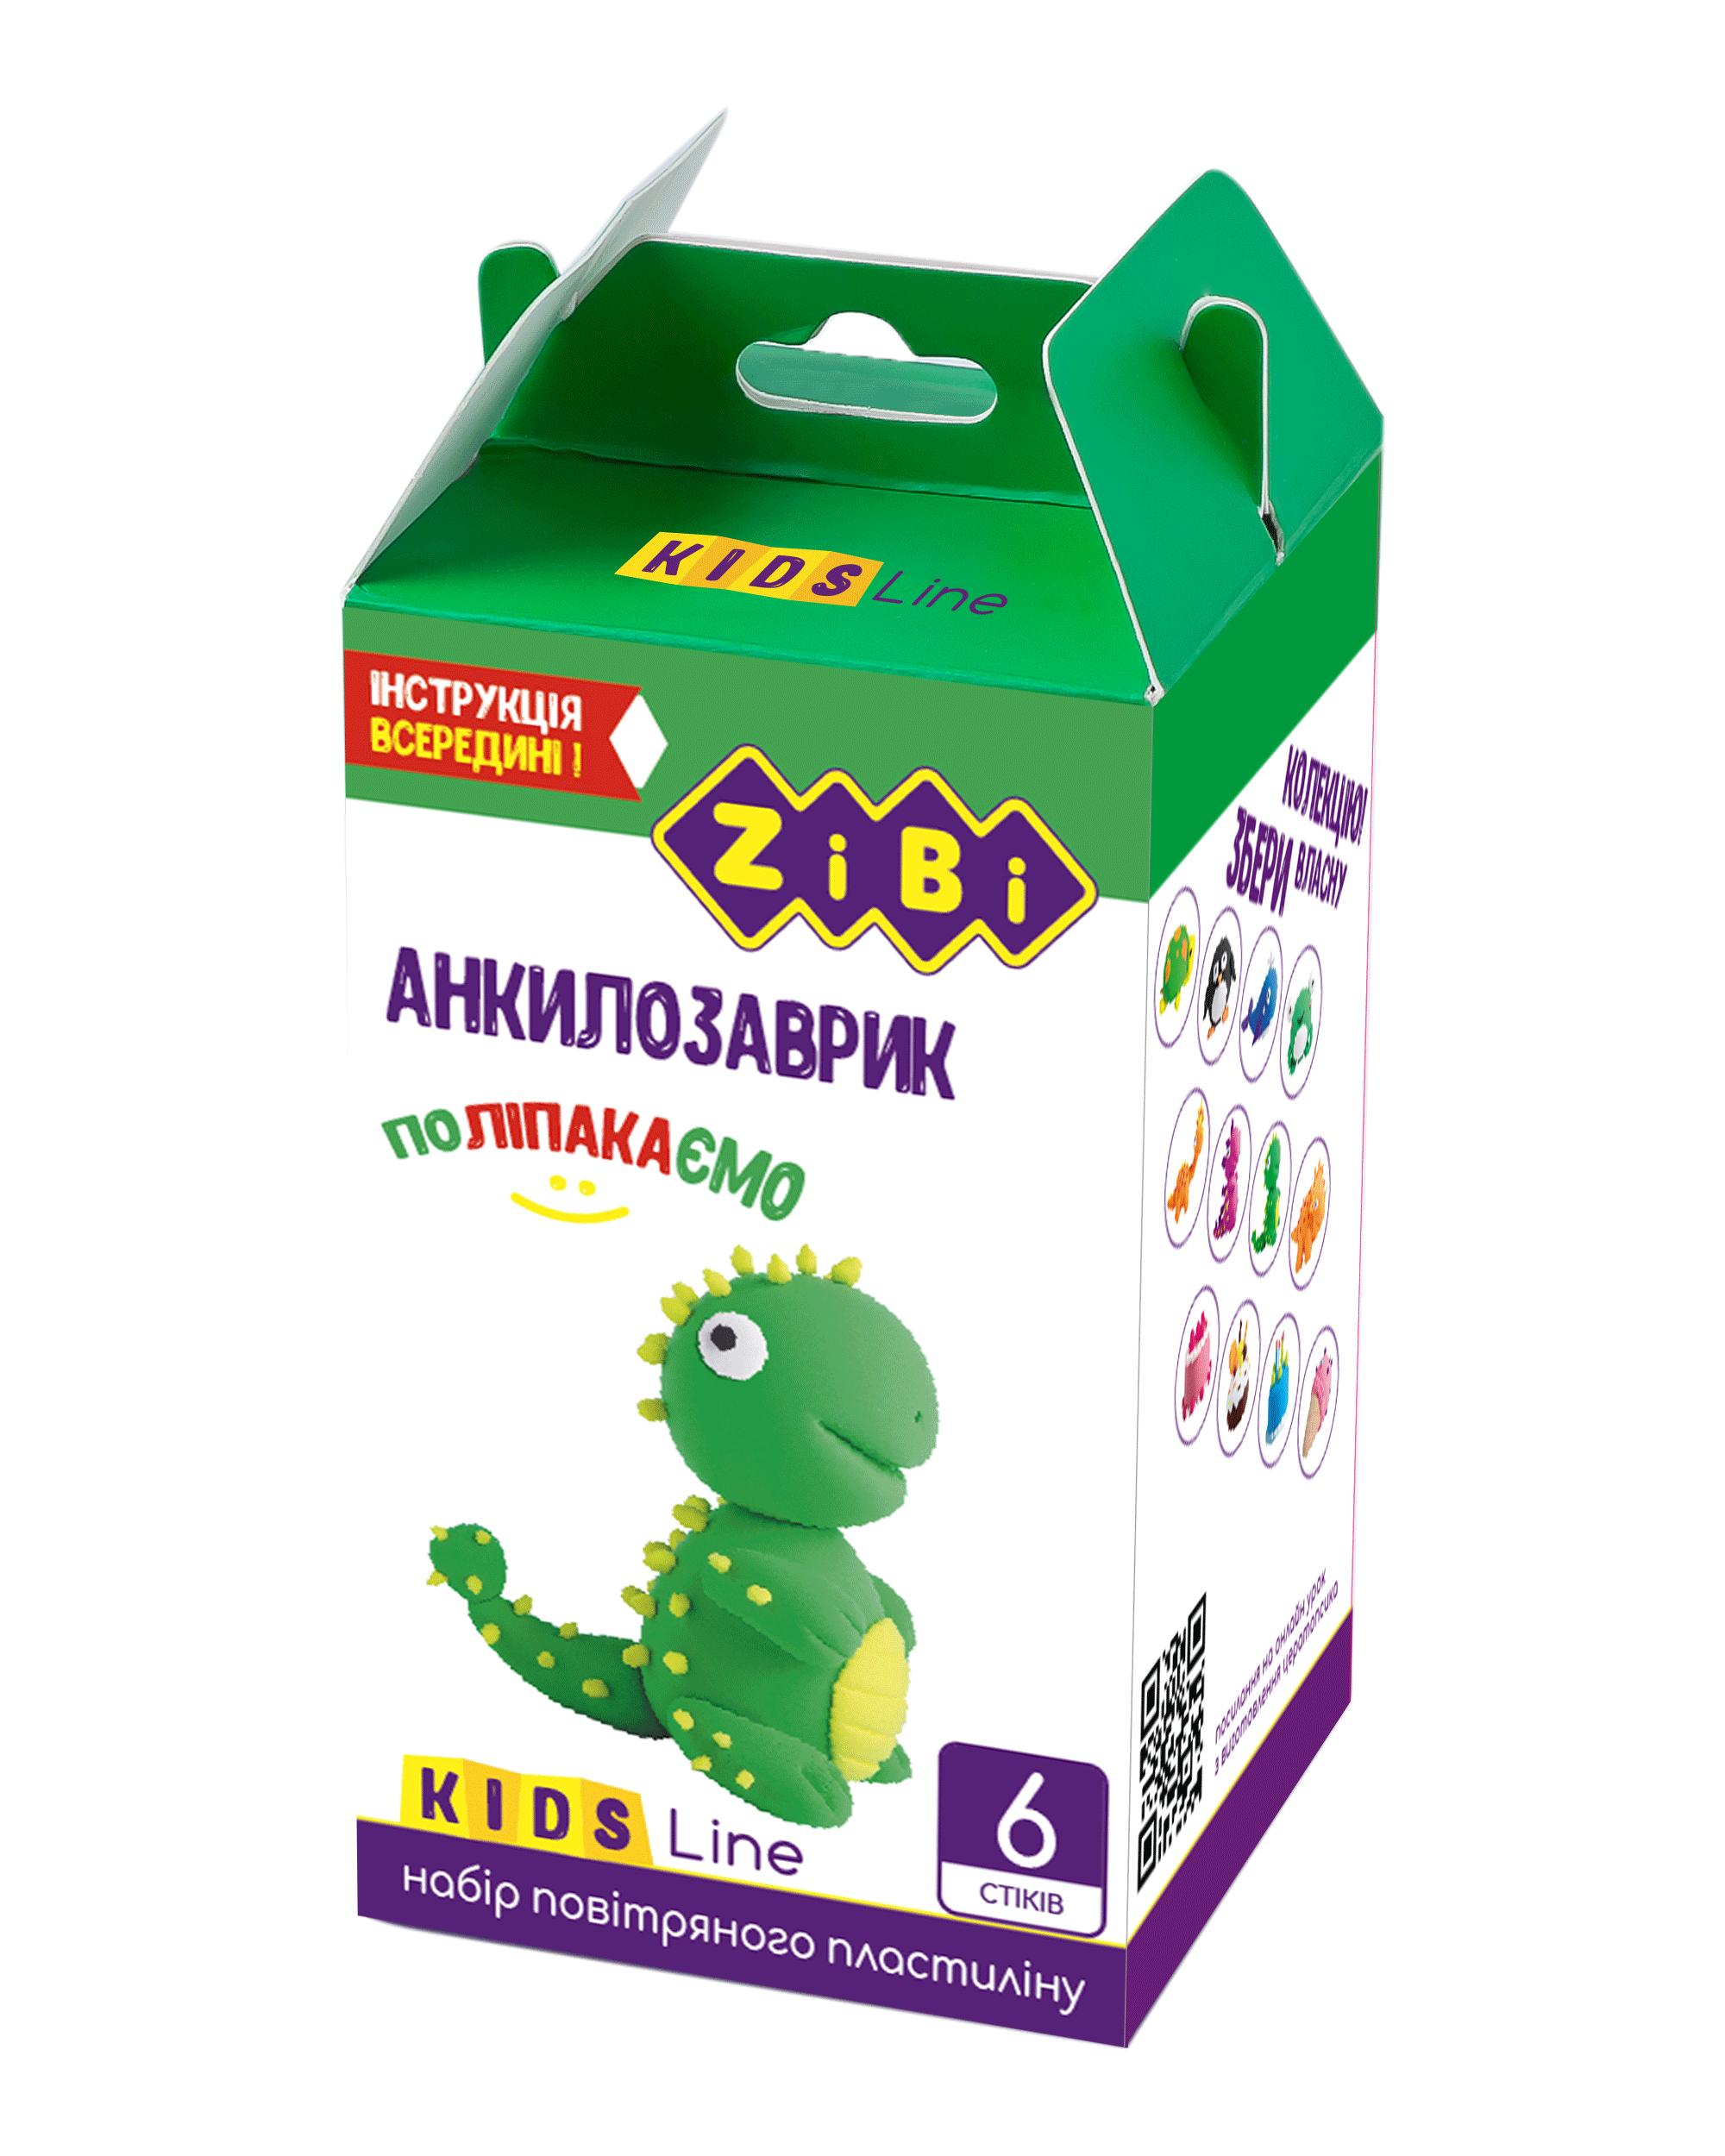 Набор воздушного пластилина для лепки ZiBi АНКИЛОЗАВРИК, 6 цветов, ассорти, 420 г